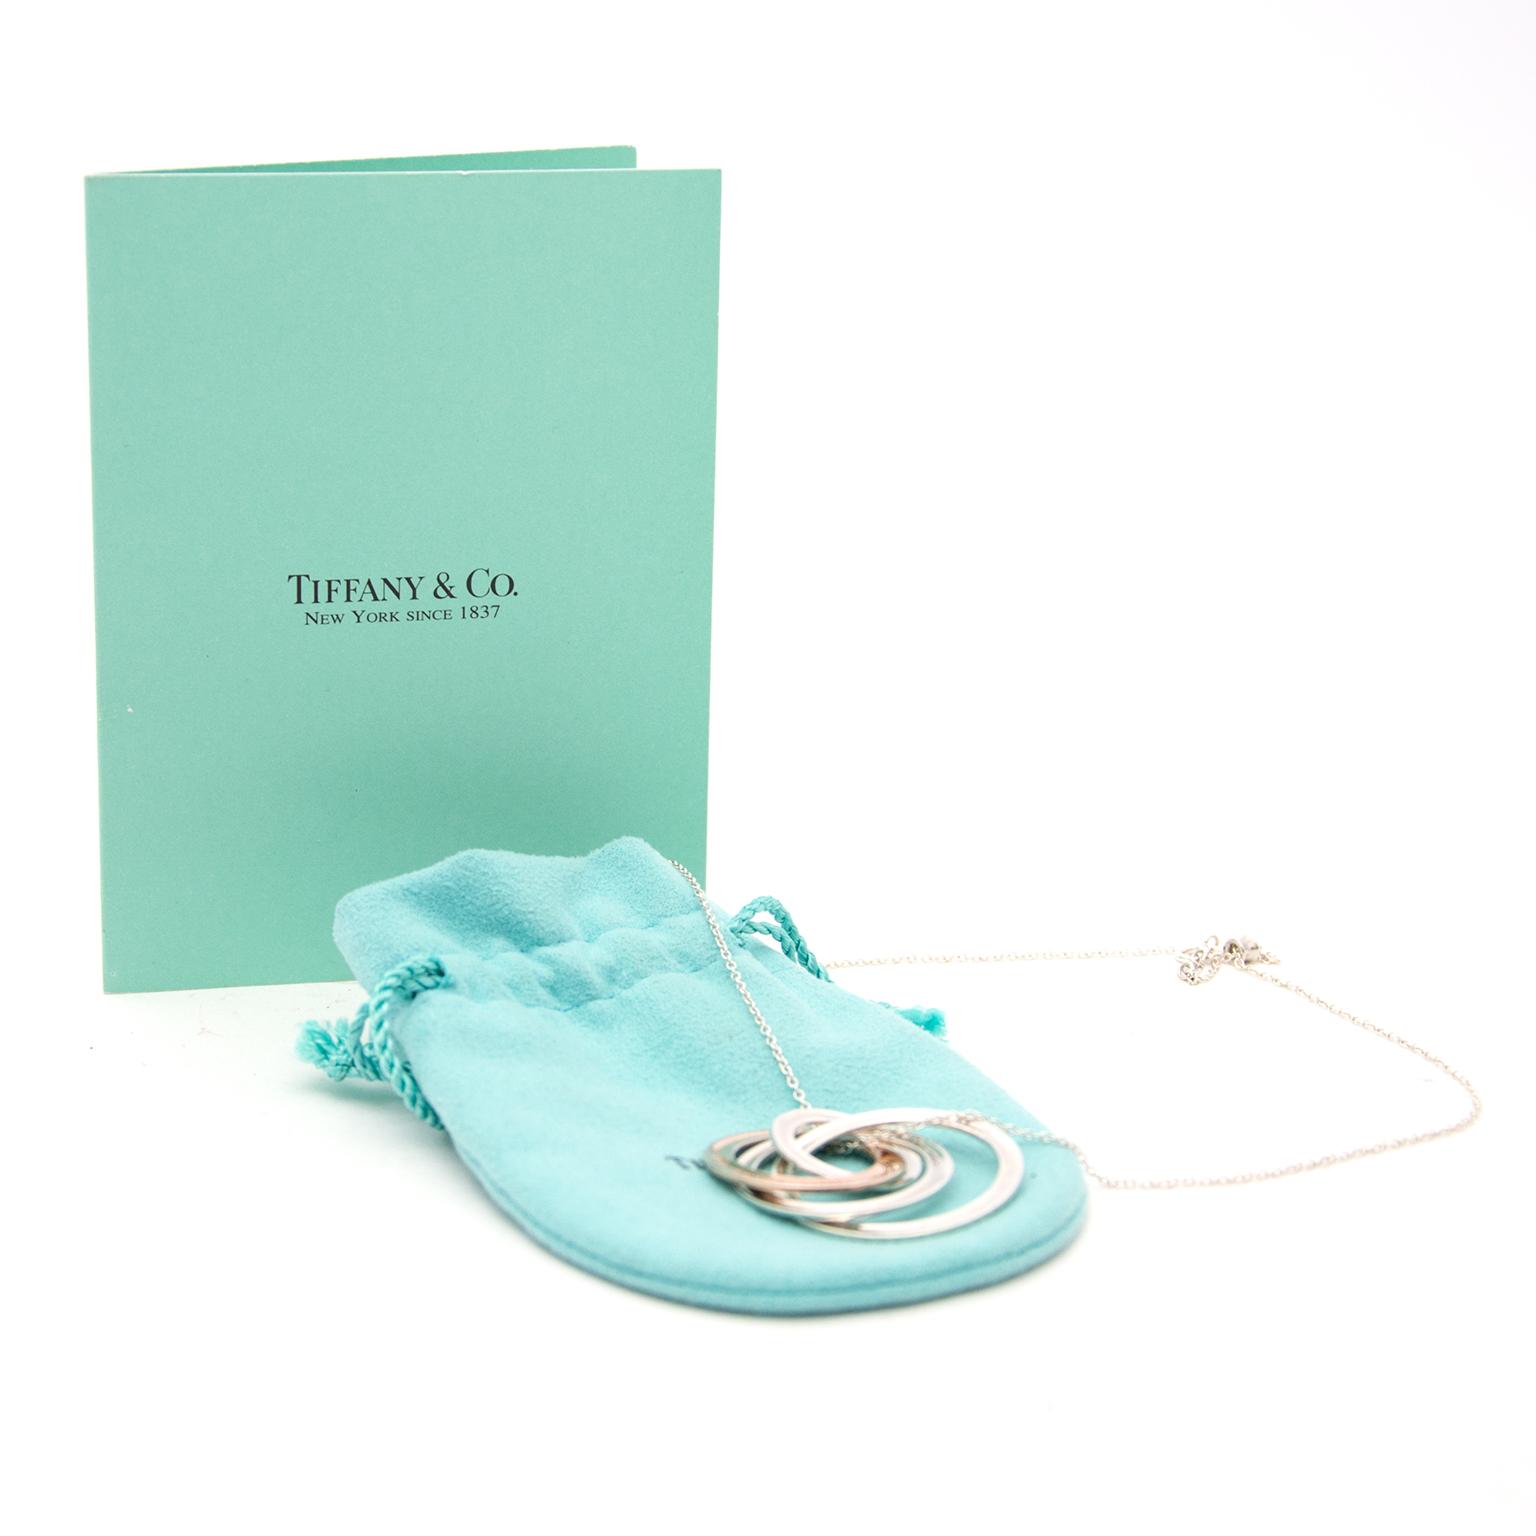 Tiffany & Co Halskette heute online auf labellov.com gegen den besten Preis.